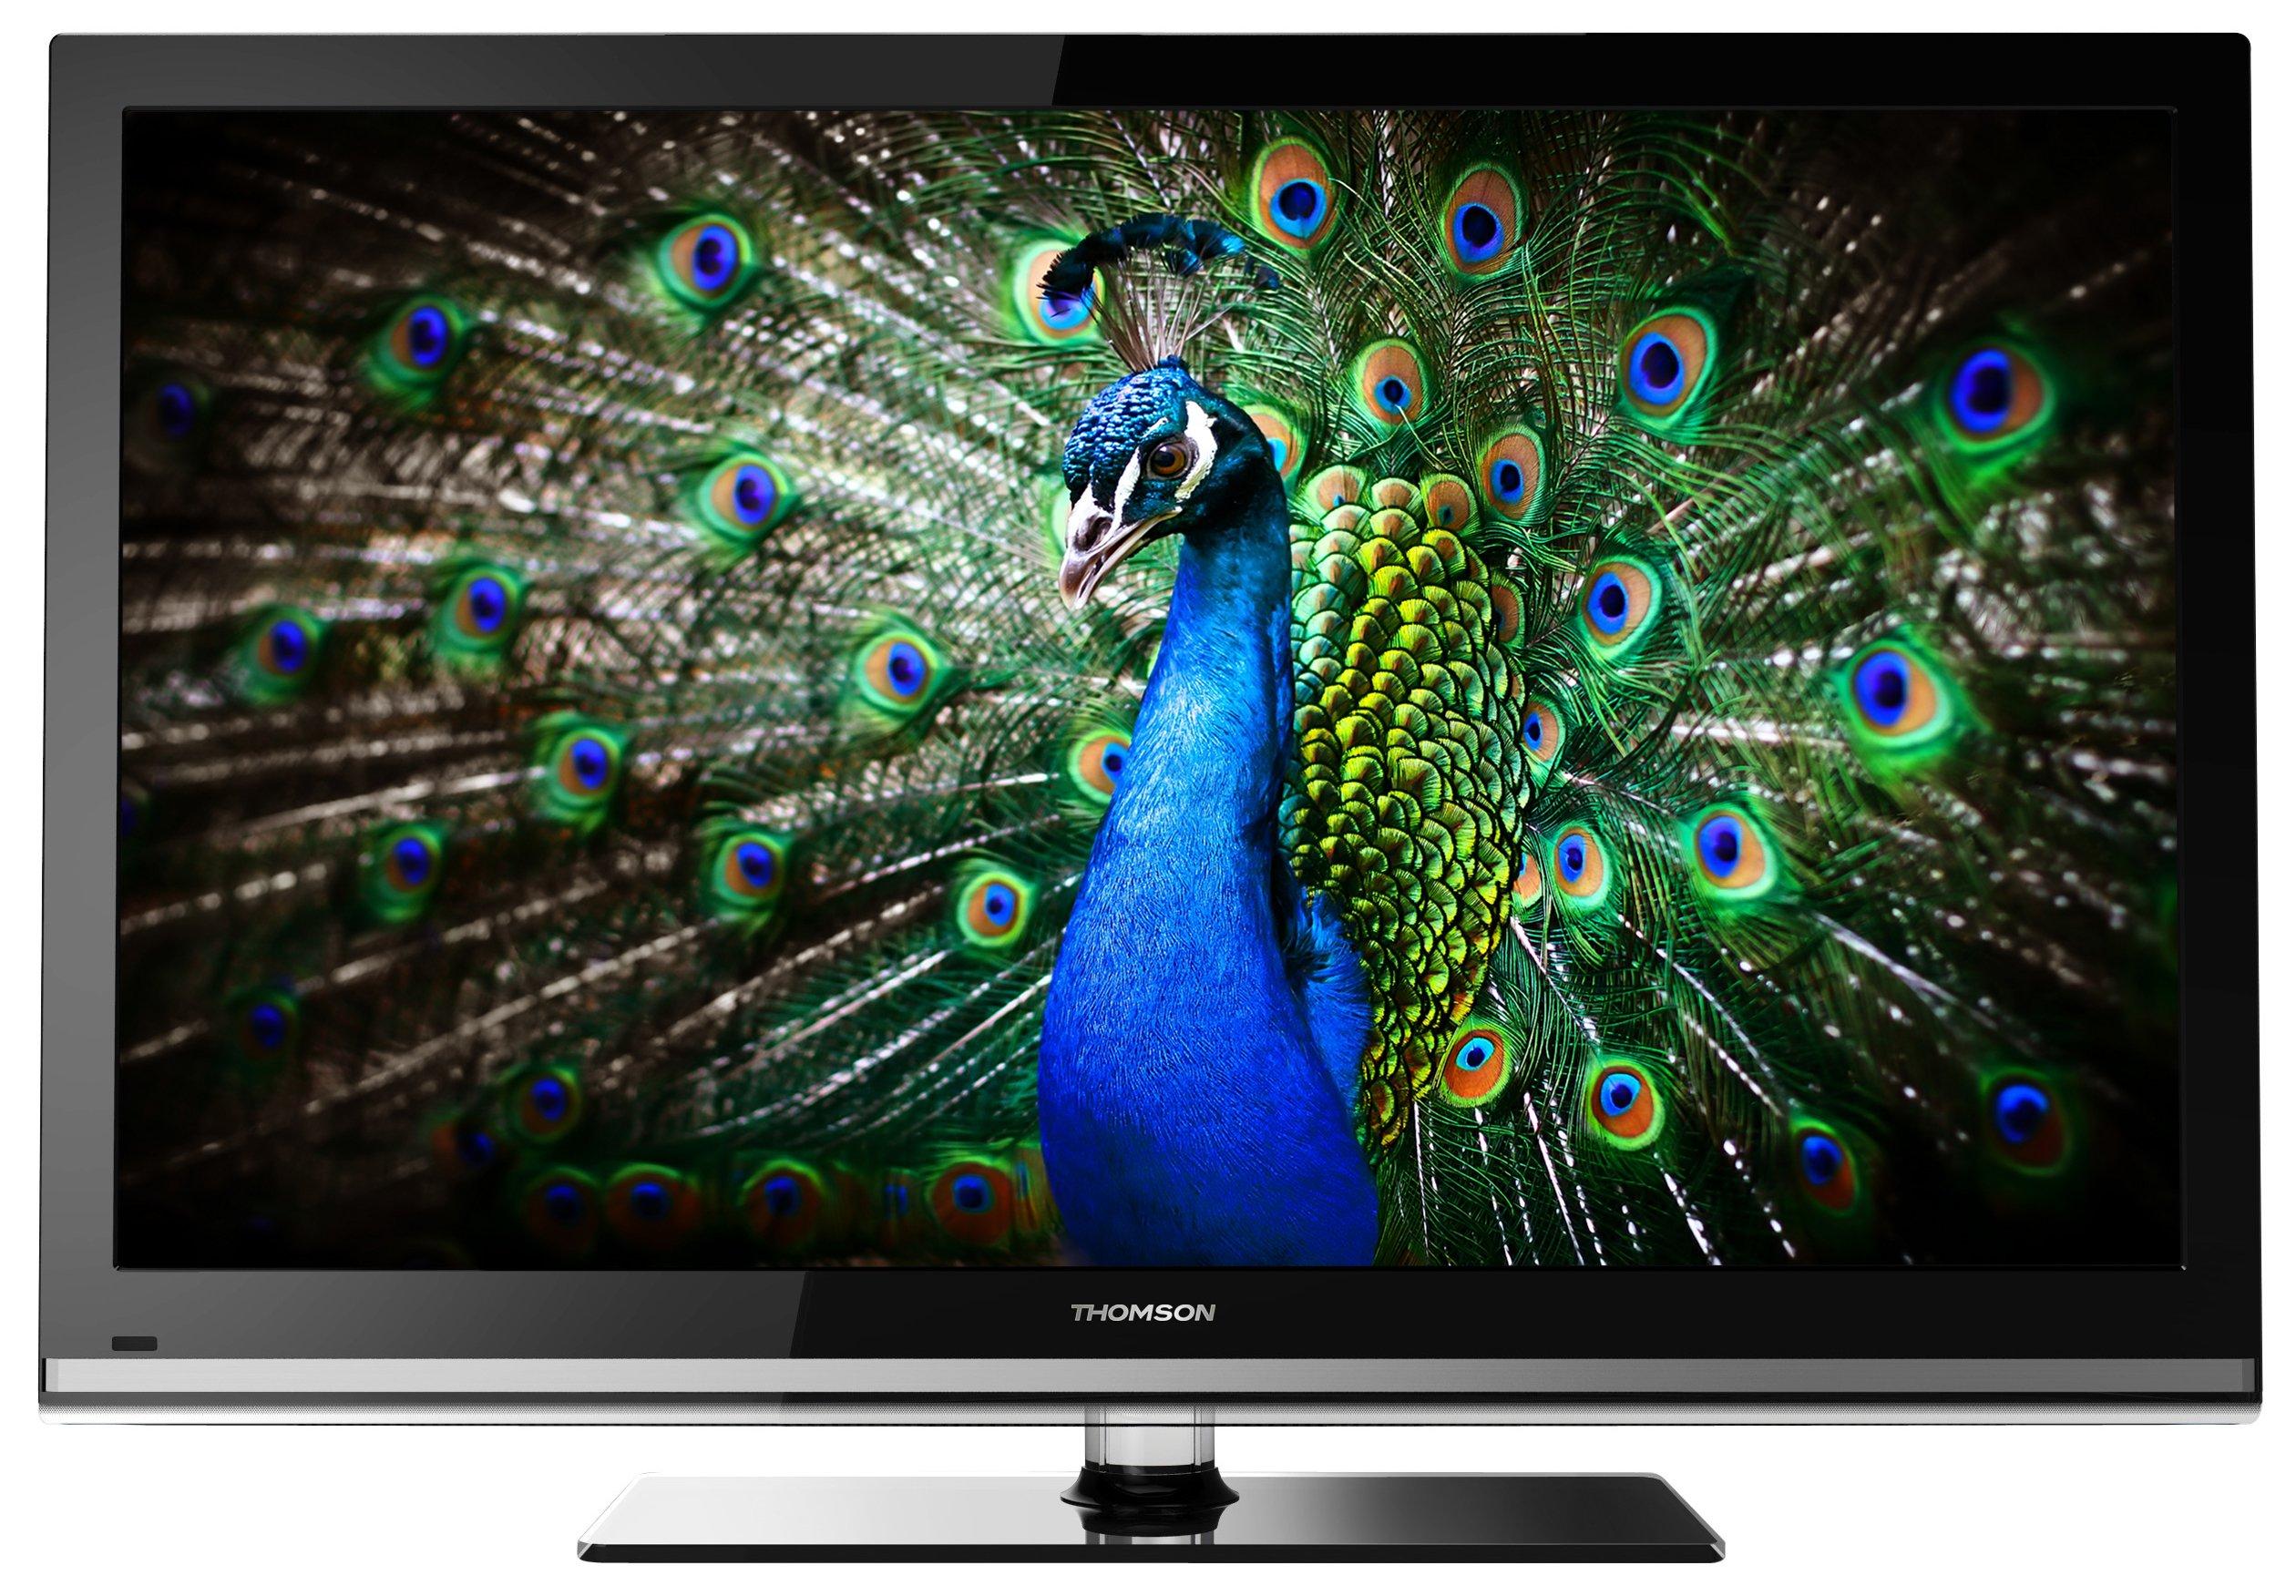 Thomson 46FT5453 - Televisión LED de 46 pulgadas Full HD (100 Hz): Amazon.es: Electrónica